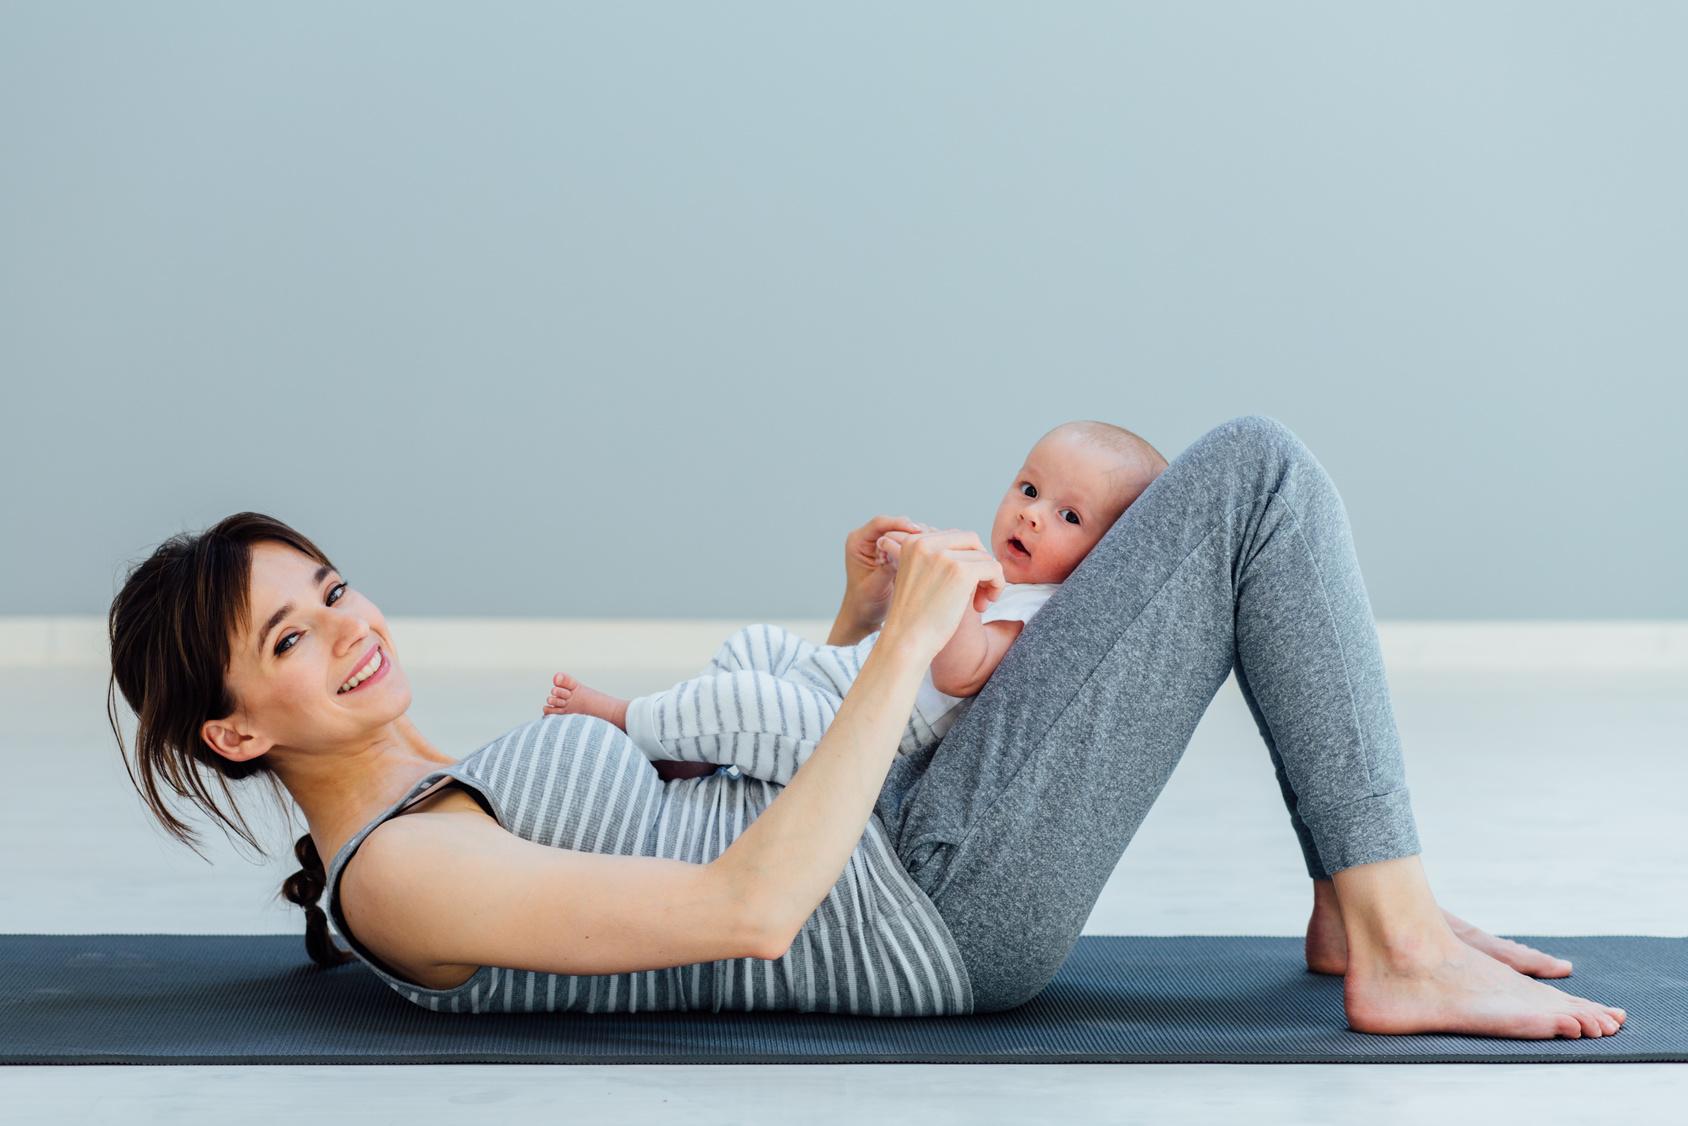 Das richtige Training – So bringt ihr den Körper nach der Geburt wieder in Form